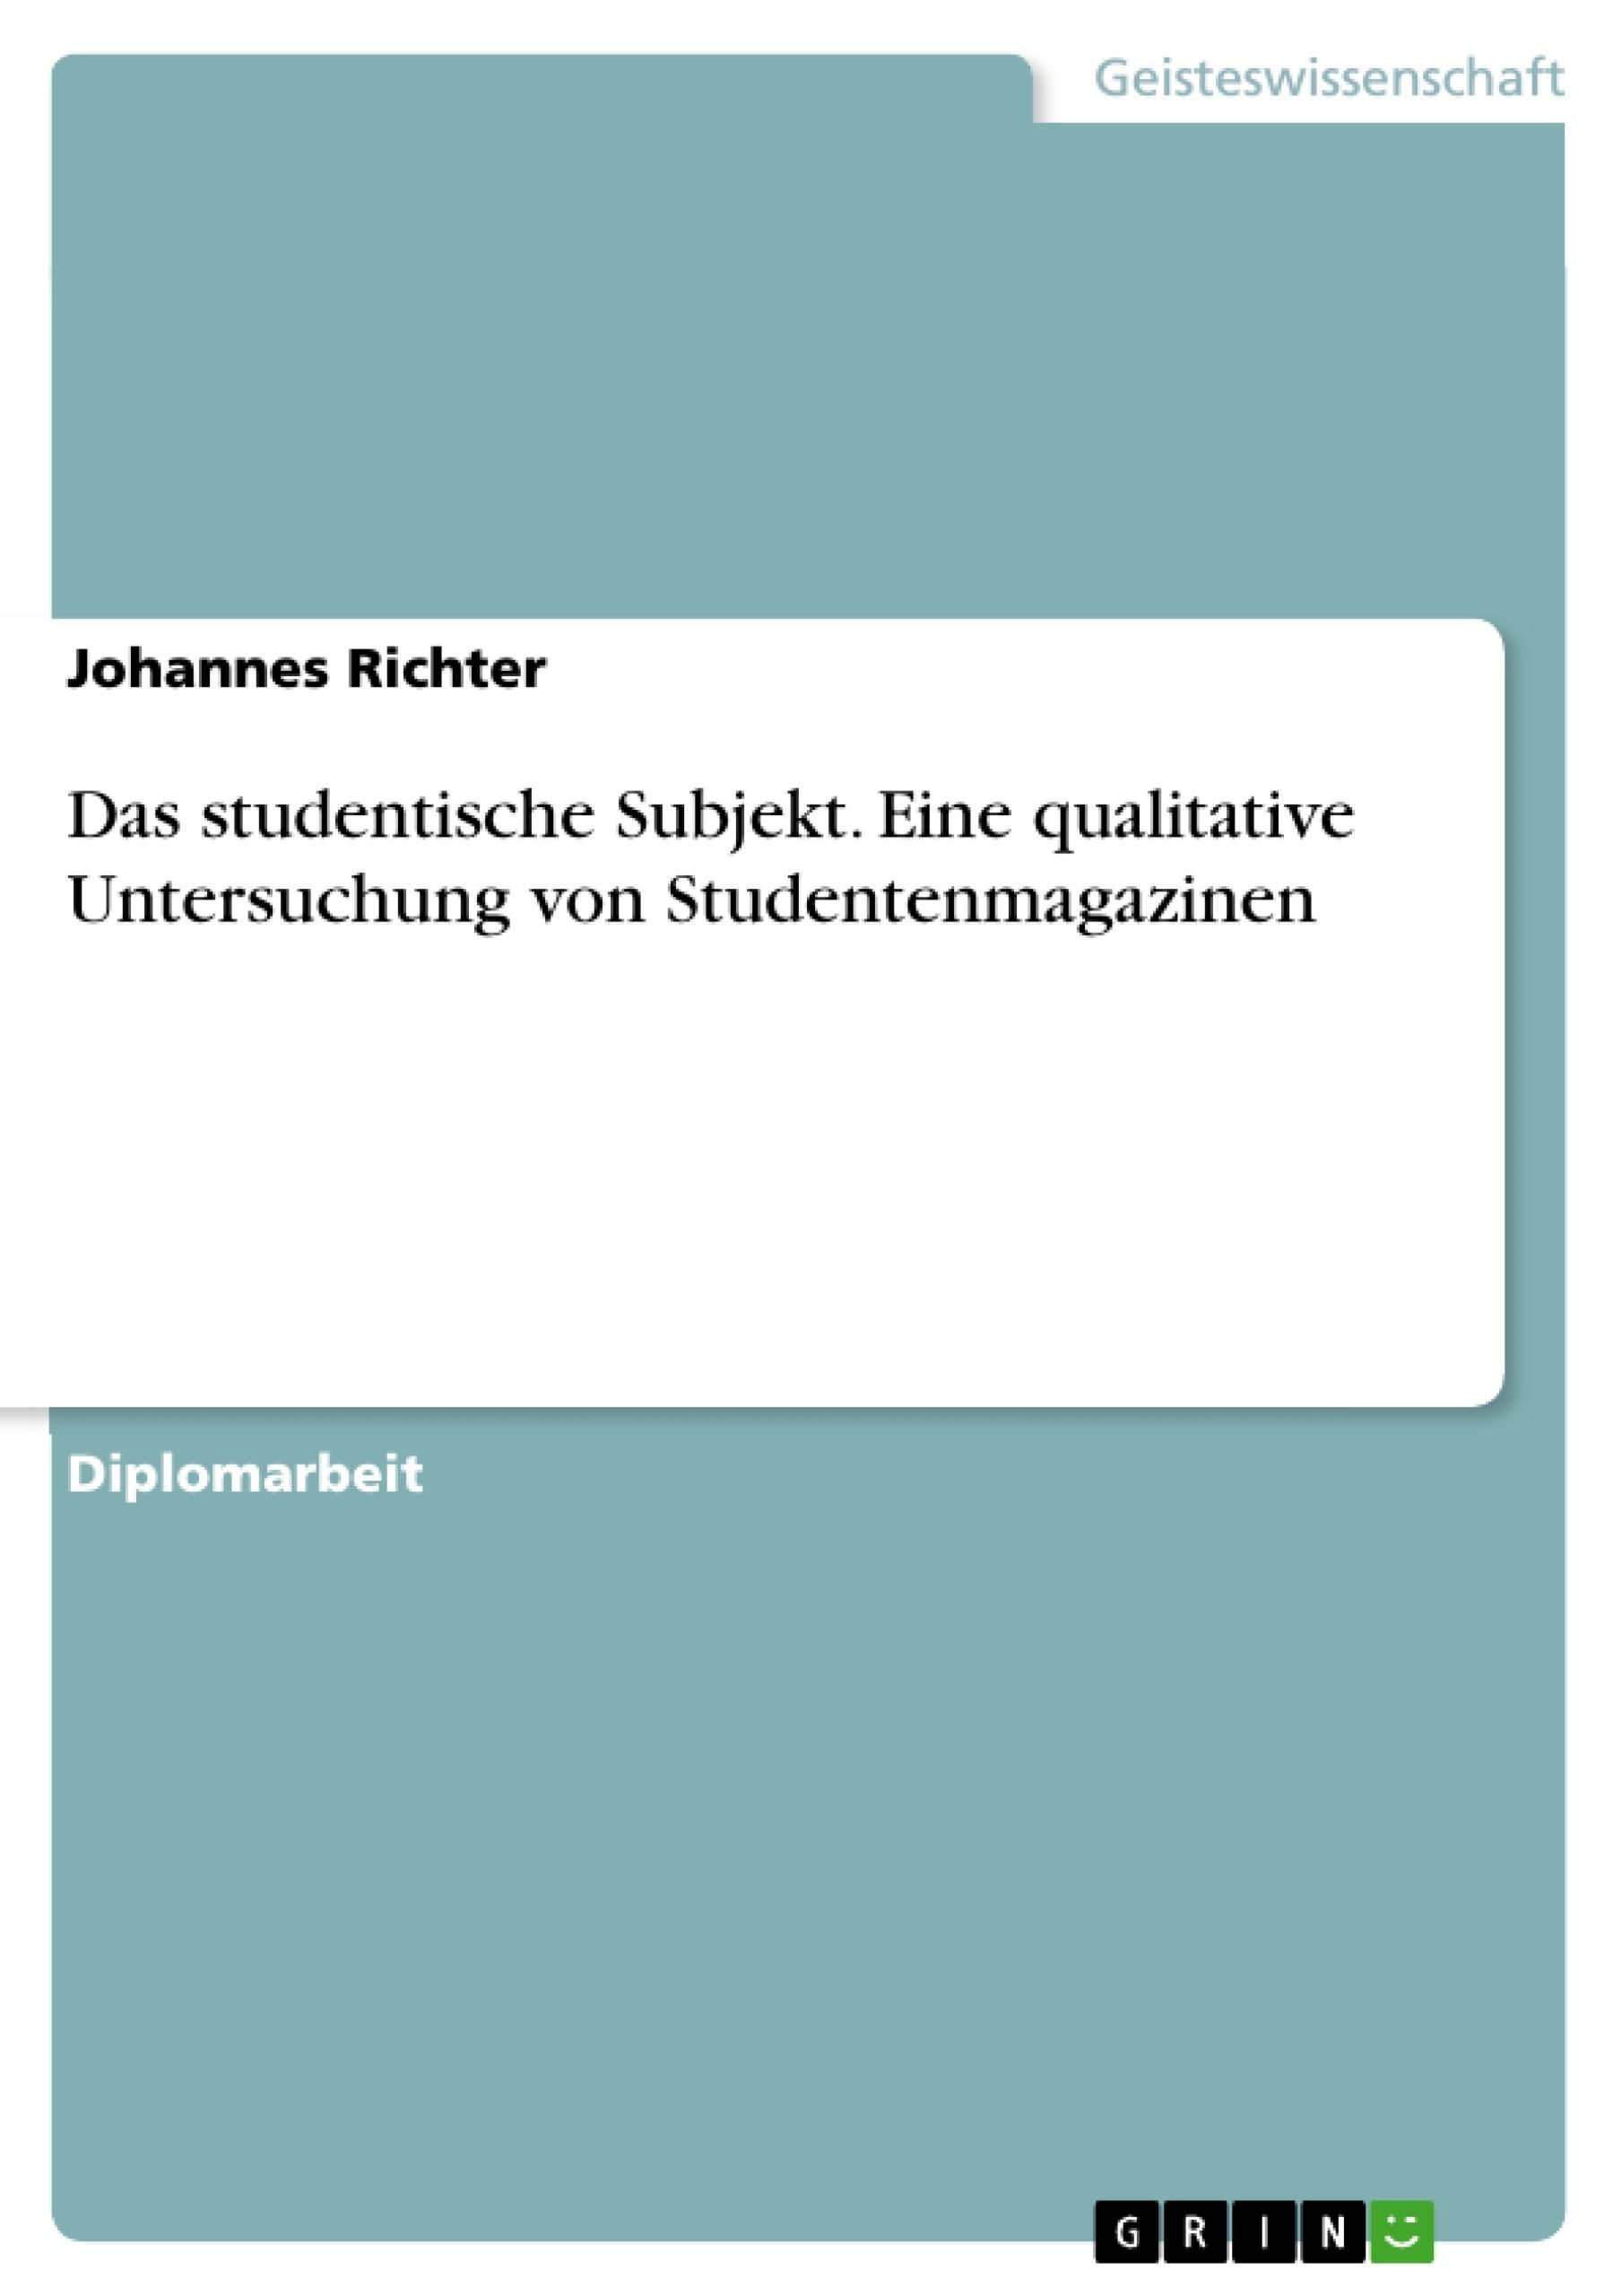 Titel: Das studentische Subjekt. Eine qualitative Untersuchung von Studentenmagazinen